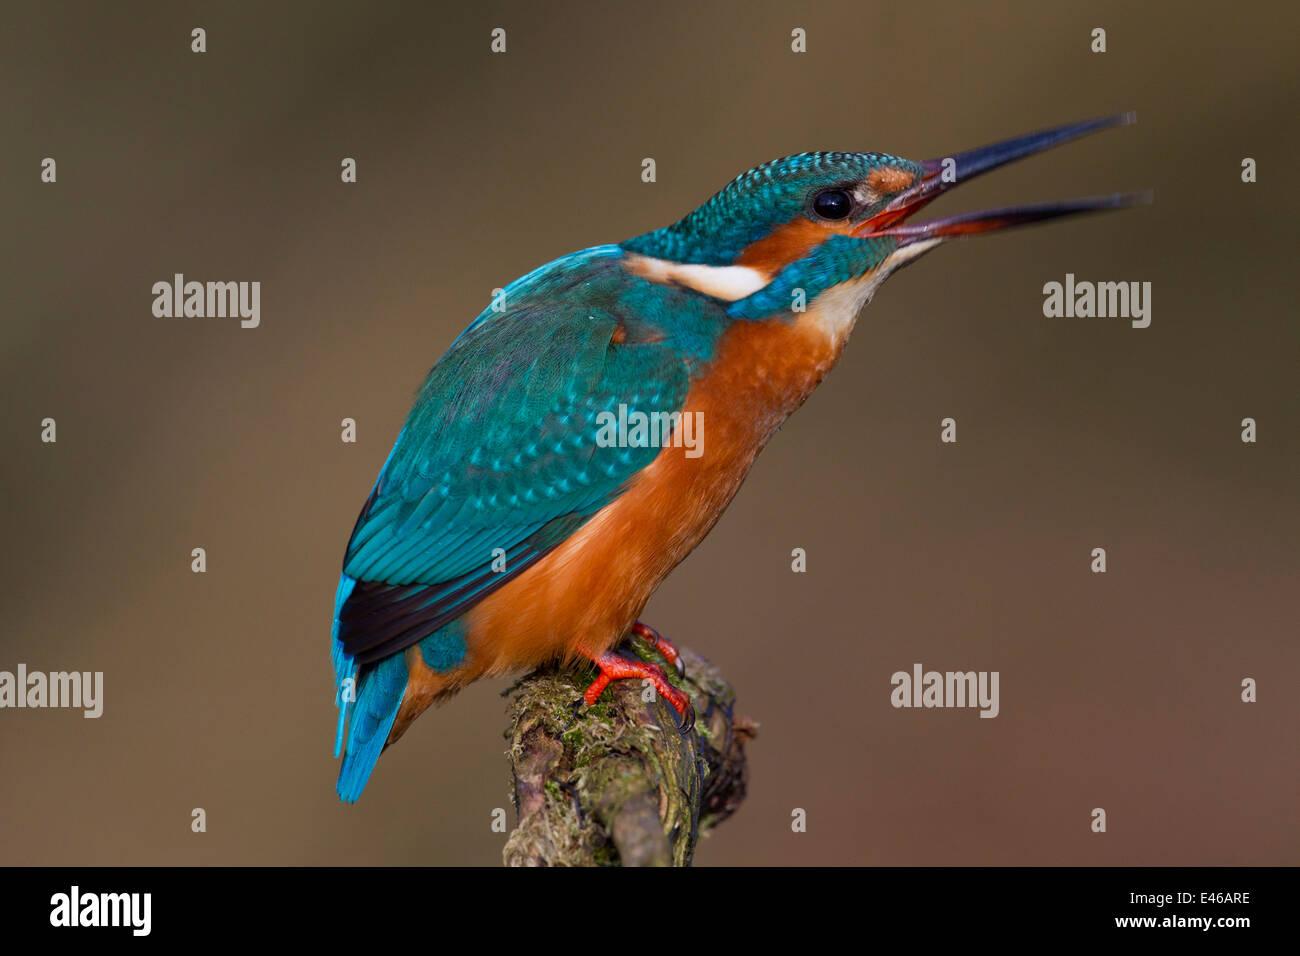 Eisvogel / eurasischen Eisvogel (Alcedo Atthis) thront auf Zweig und Berufung Stockbild